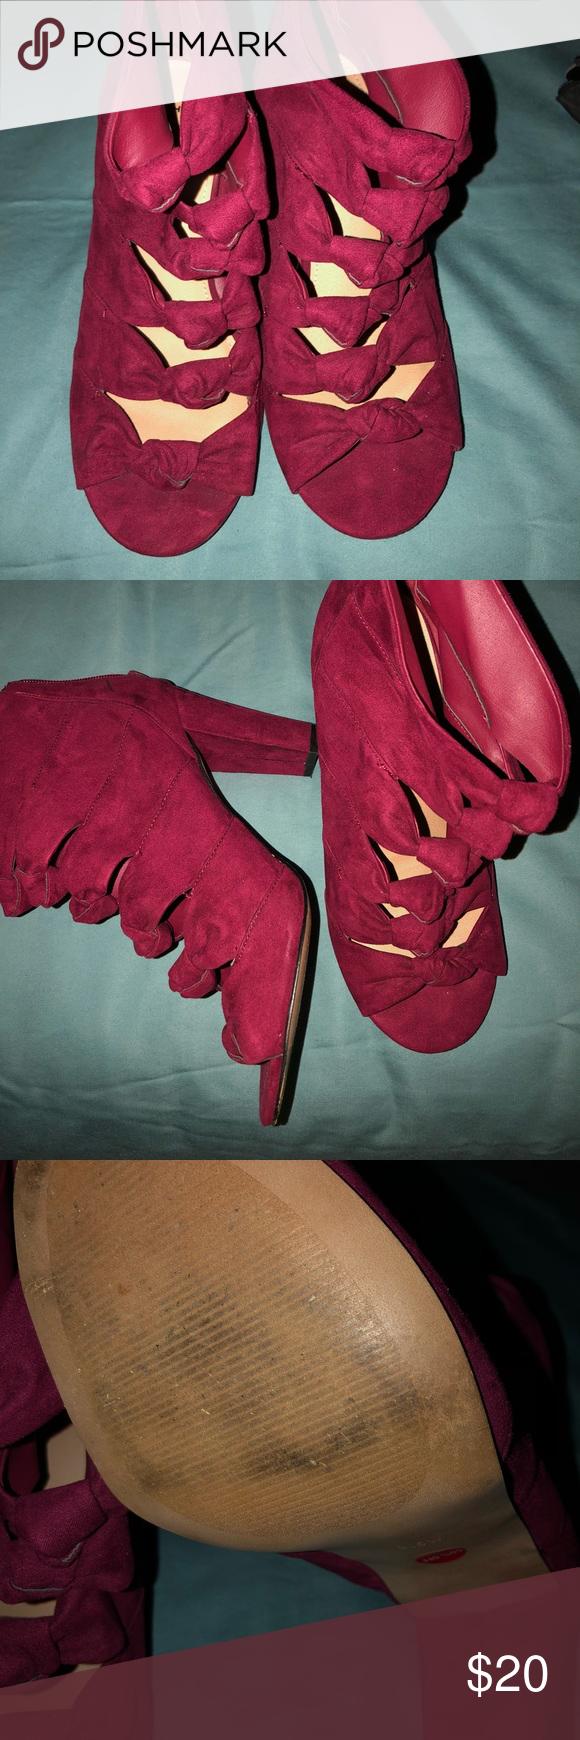 6862bb67b37 Torrid Heels Comfy red heels. Worn twice torrid Shoes Heels